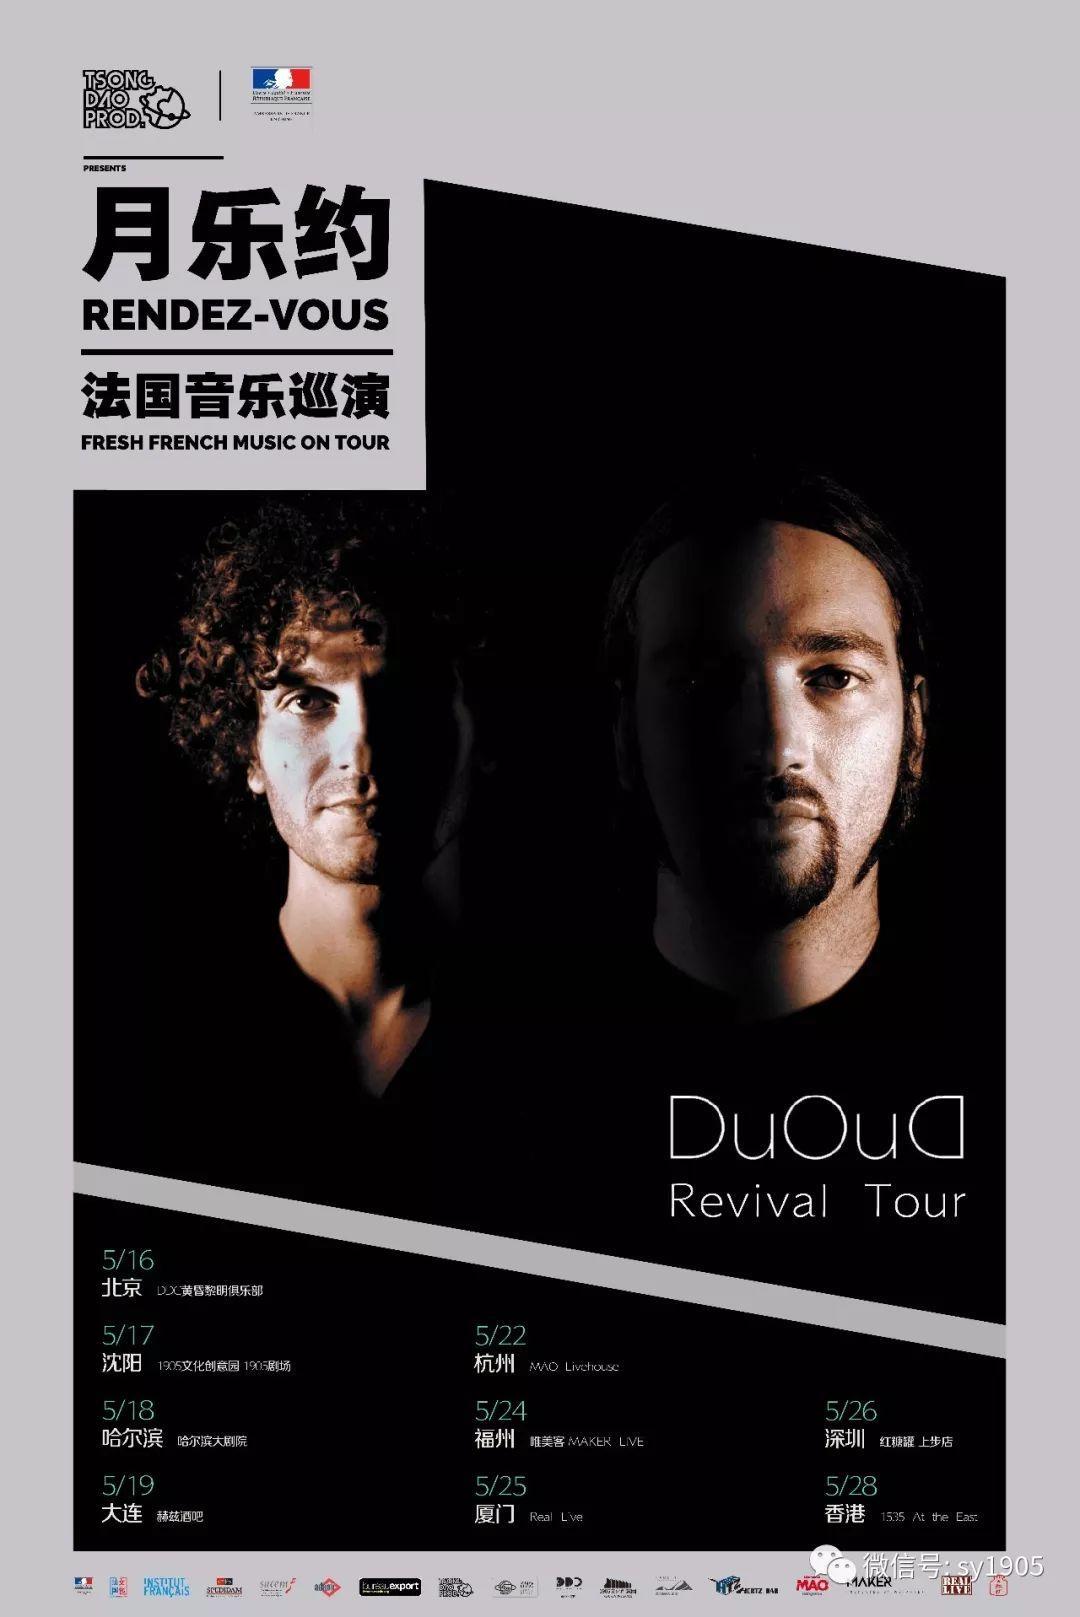 展览活动:1905爵士季ROUND 2|法国乌德琴爵士二重奏DuOud复兴之旅-BlueDotCC, 蓝点文化创意